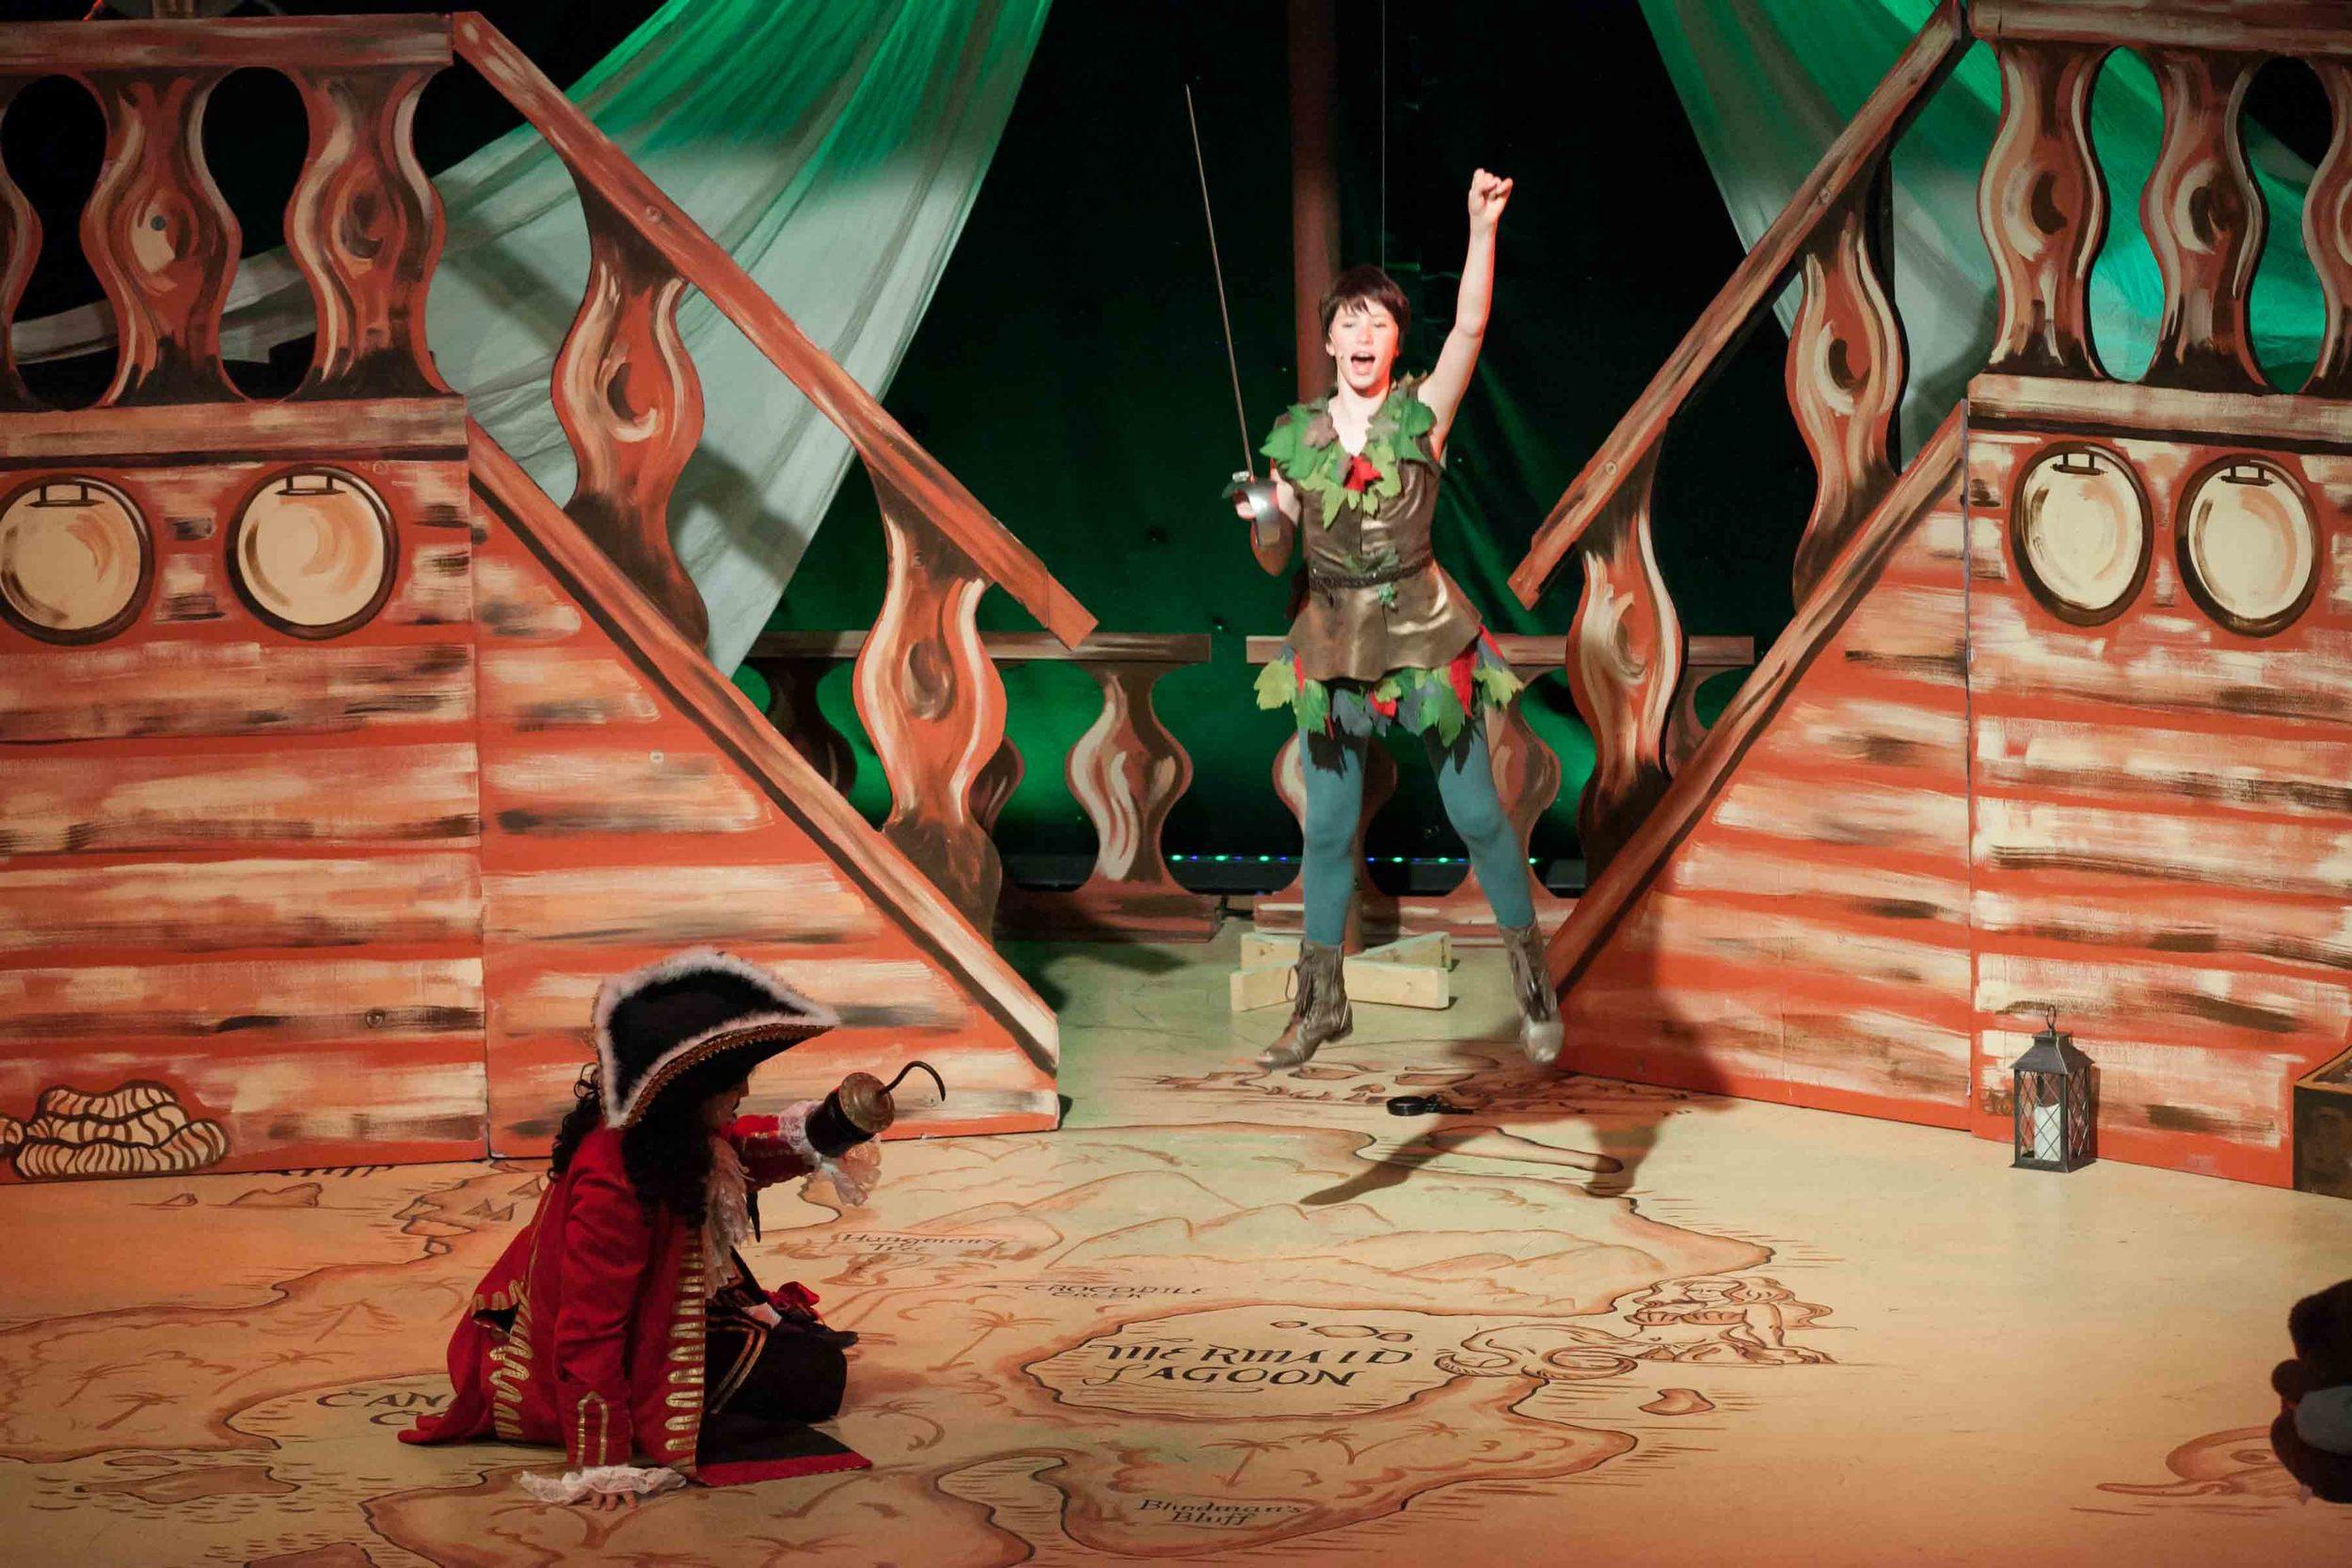 6-6-14 Peter Pan 0206.jpg